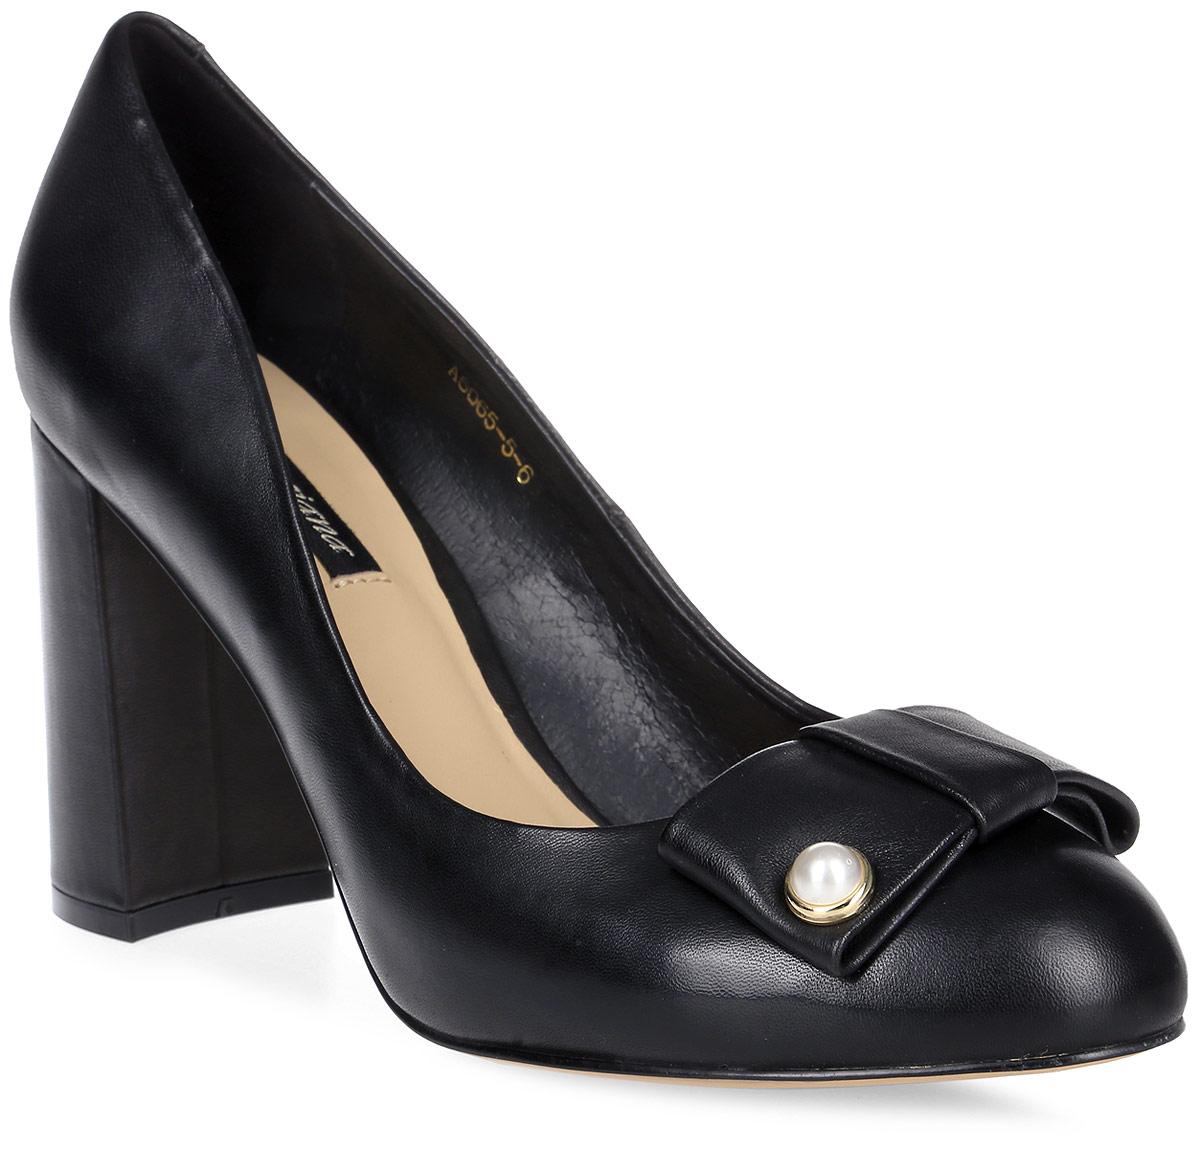 Туфли женские Graciana, цвет: черный. A5065-5-6. Размер 39A5065-5-6Женские туфли от Graciana на широком каблуке выполнены из натуральной кожи. Подкладка, изготовленная из натуральной кожи, обладает хорошей влаговпитываемостью и естественной воздухопроницаемостью. Стелька из натуральной кожи гарантирует комфорт и удобство стопам. Подошва из тунита износоустойчива и обеспечивает хорошее сцепление с поверхностью.